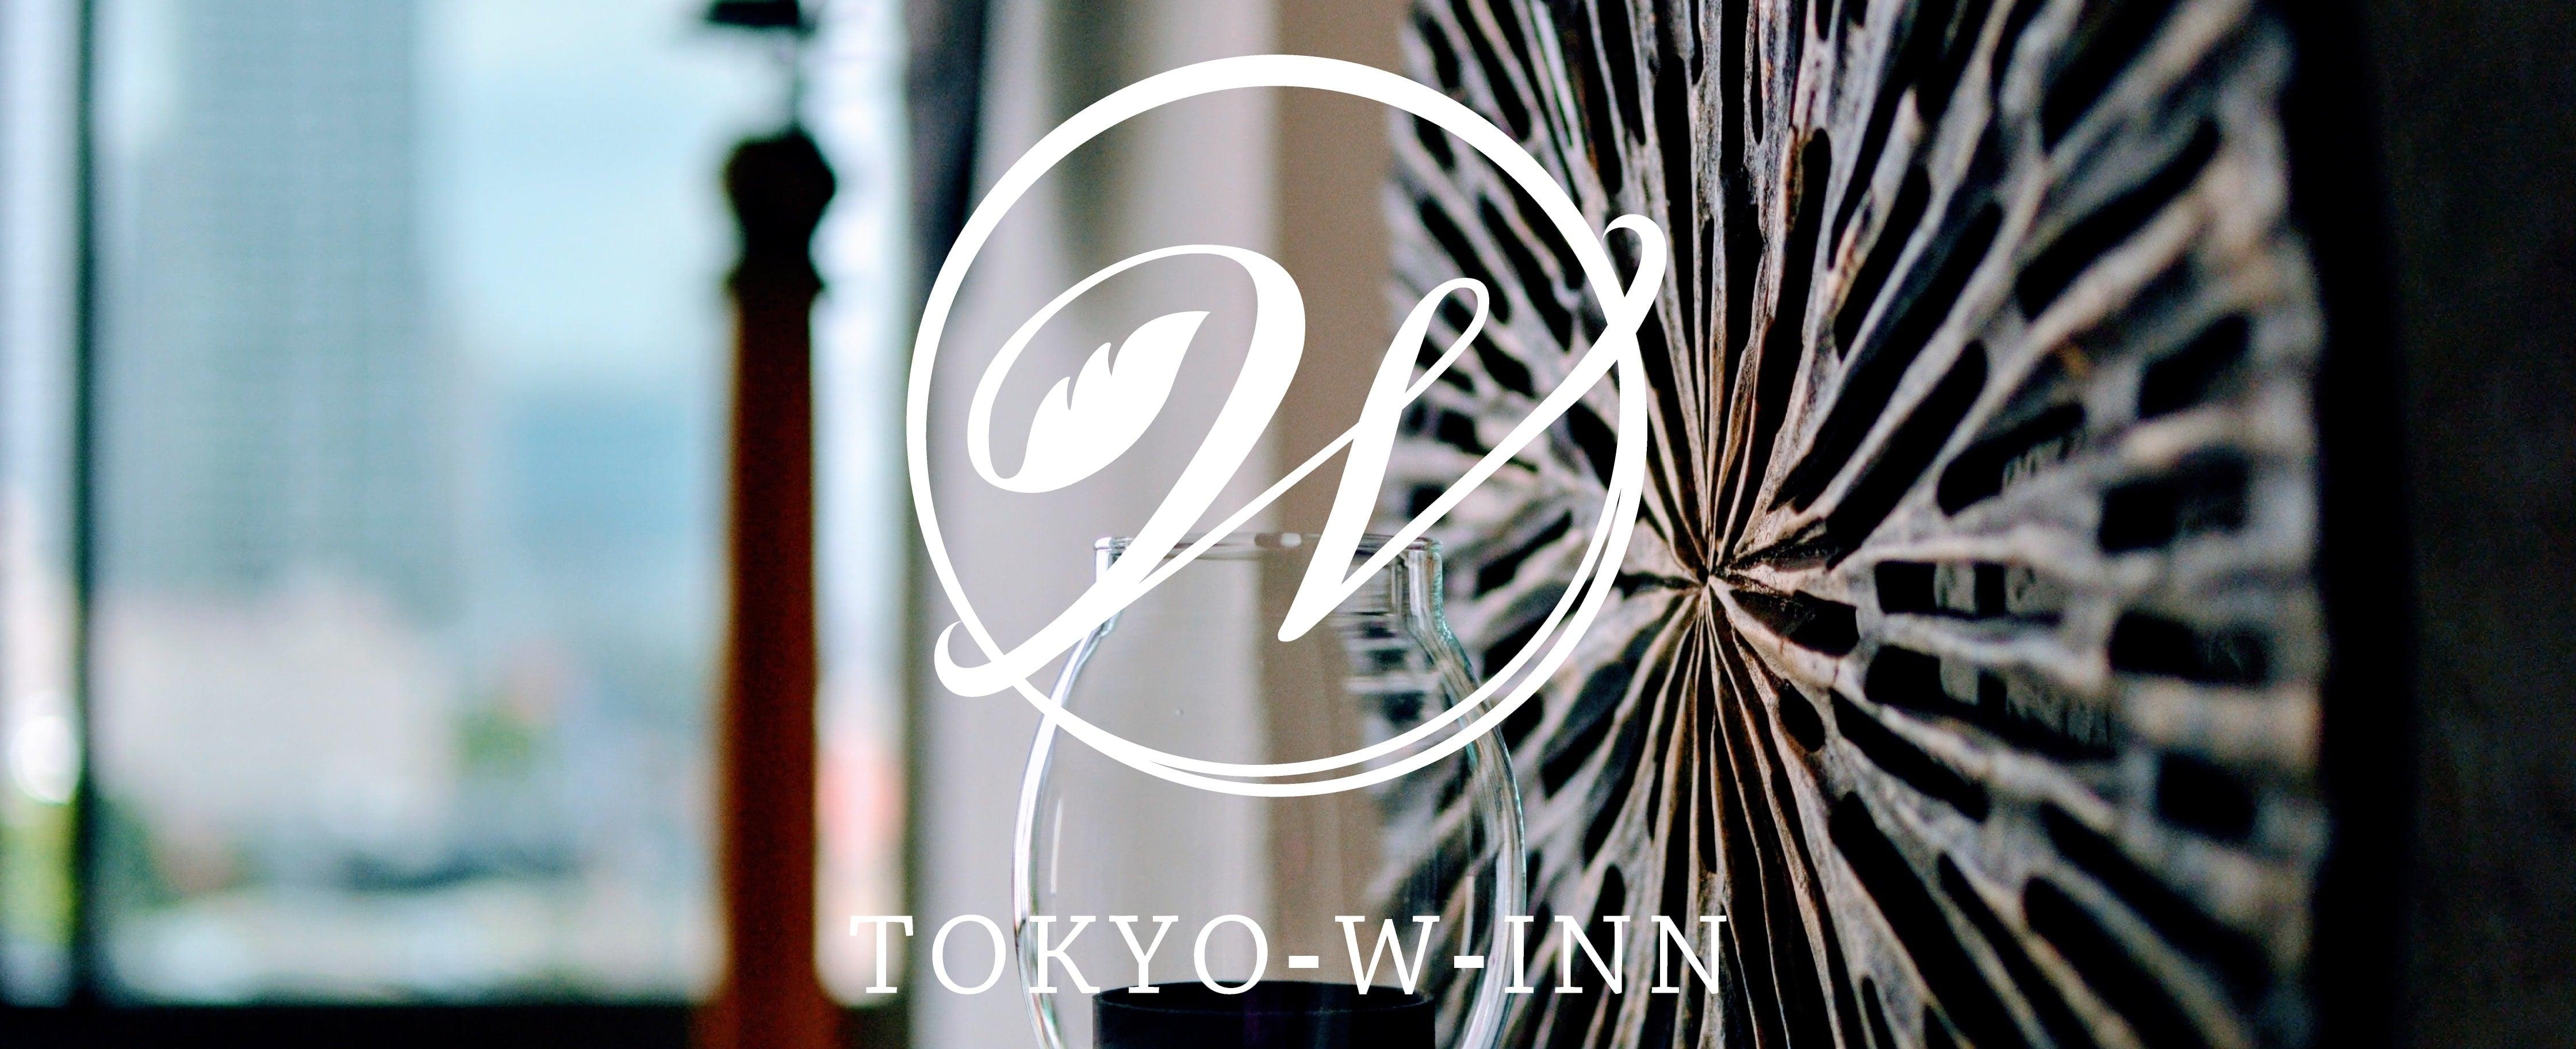 |東京|ゲストハウス|世界中のゲストが集まる国際色豊かなホステル!宿直・清掃スタッフ大募集!